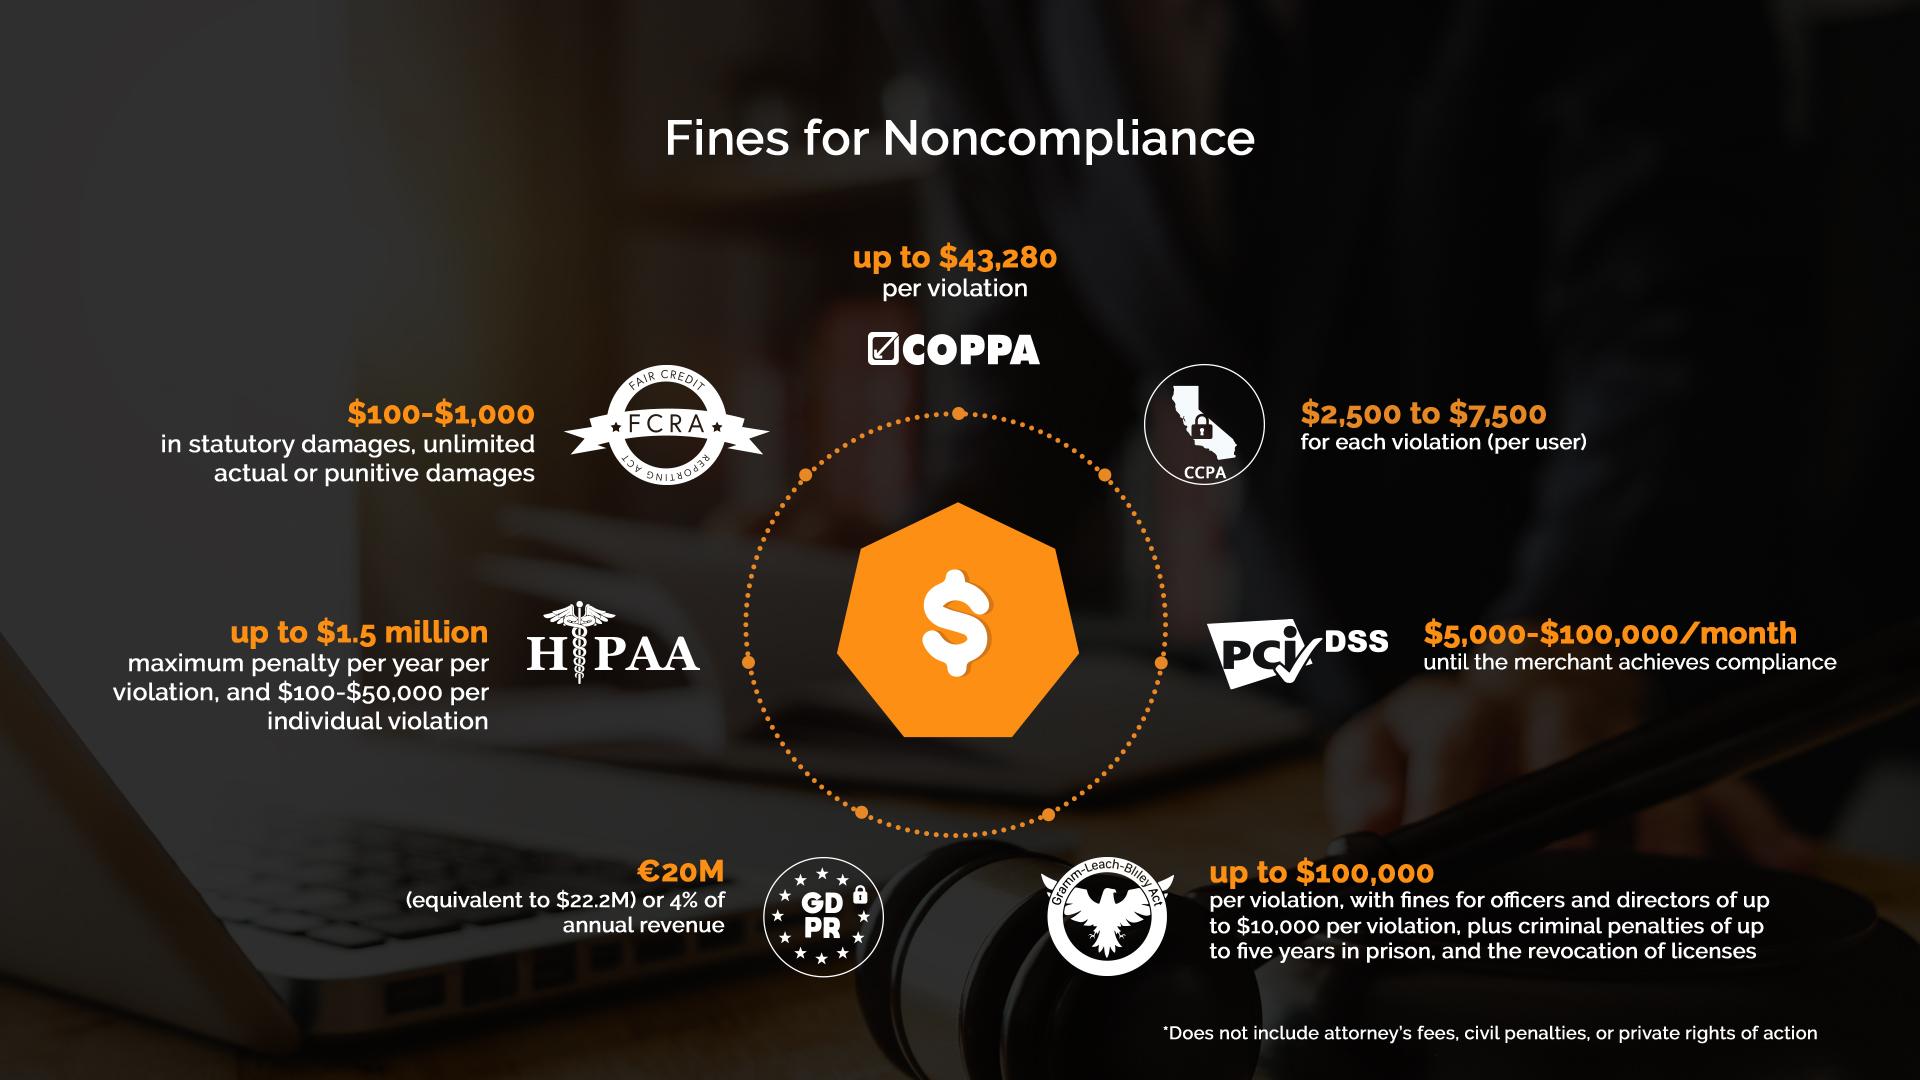 Noncompliance fines